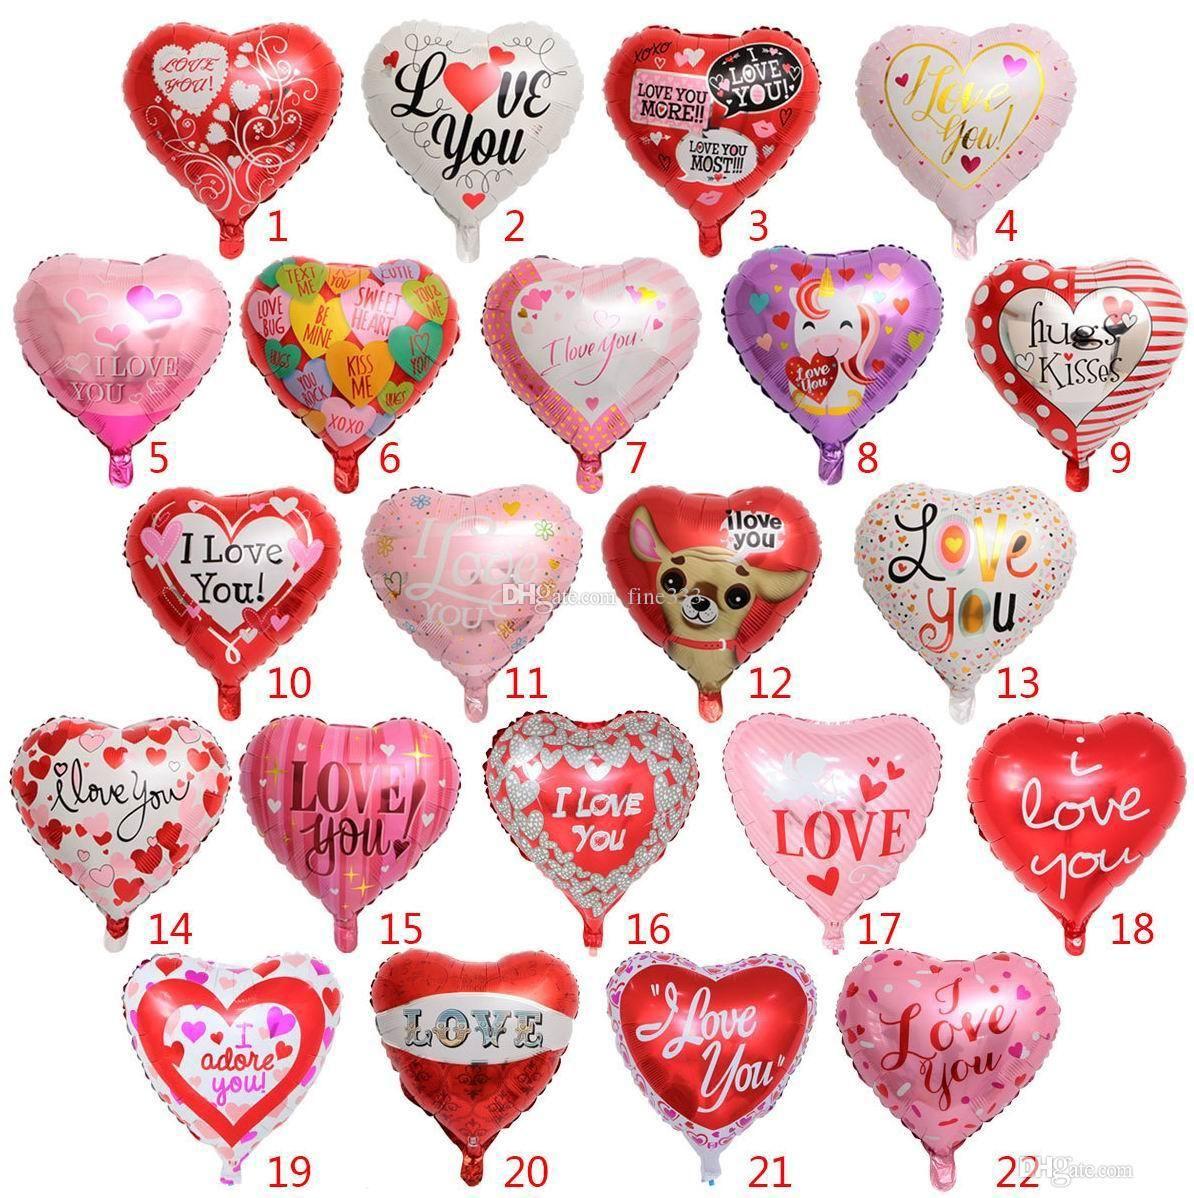 풍선 파티 풍선 호일 파티 풍선 풍선 결혼식 파티 풍선 장식 18 인치 심장 모양의 헬륨